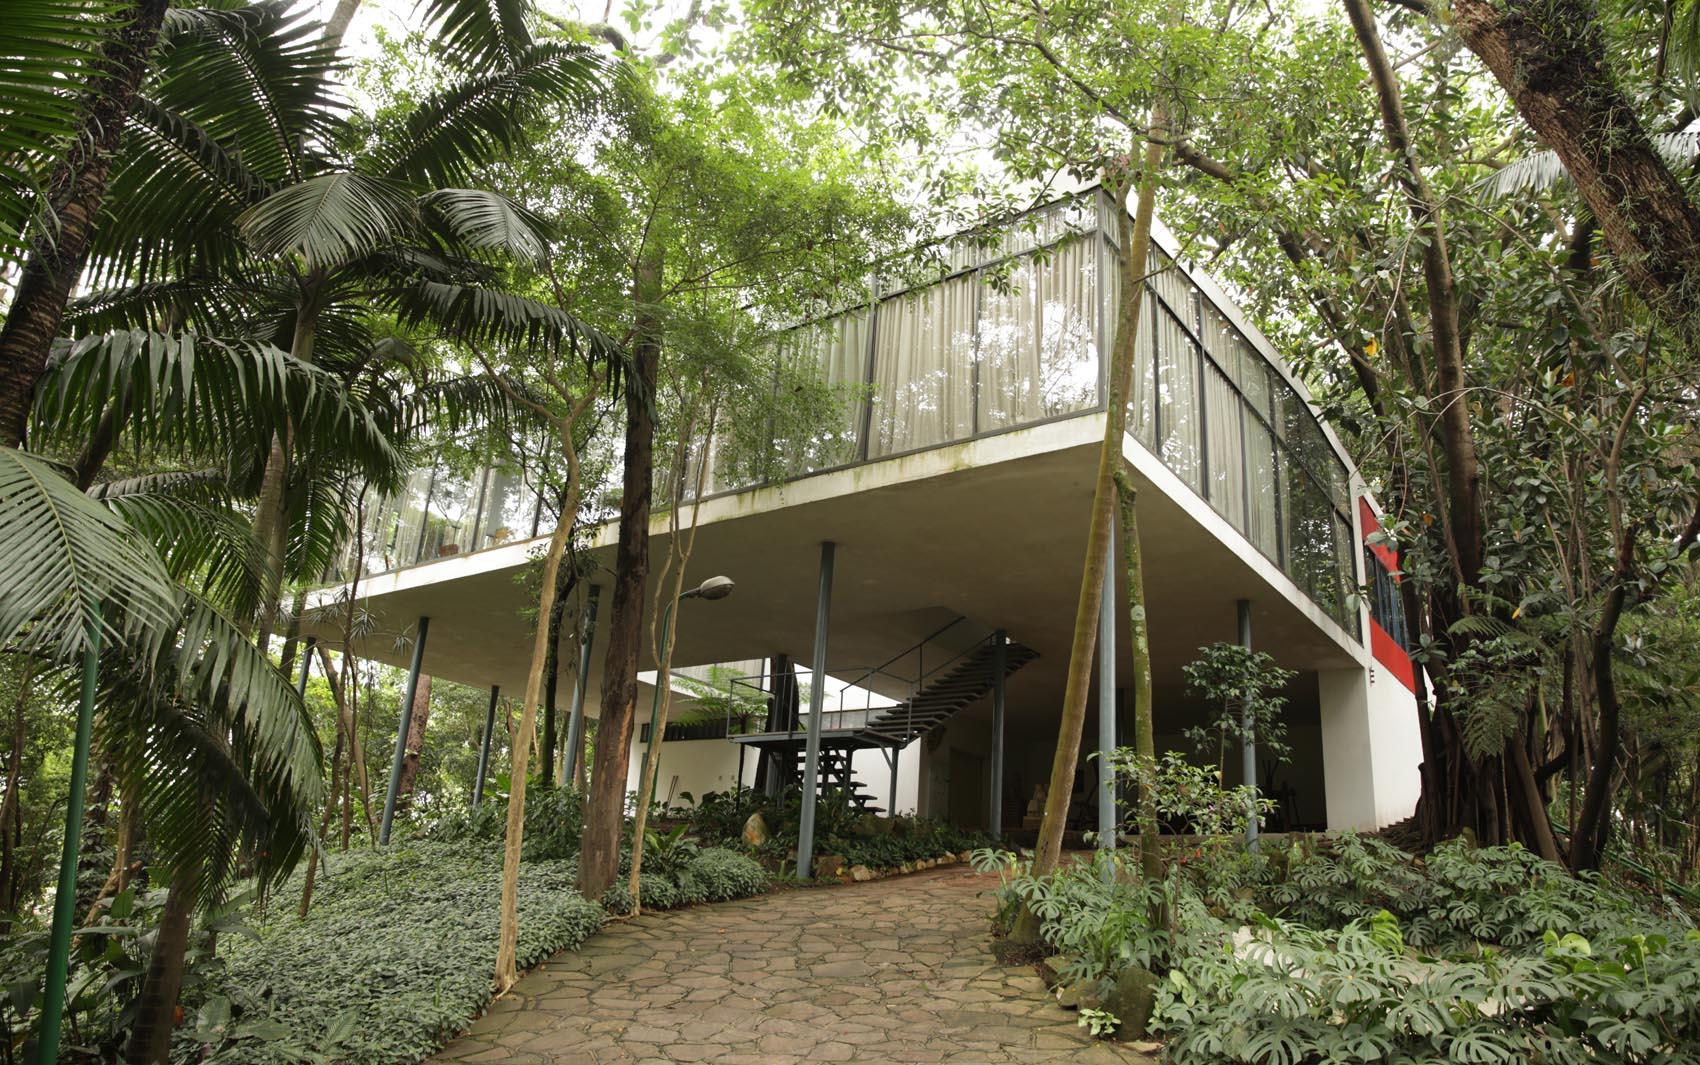 cidades-brasileiras-arquitetura-06